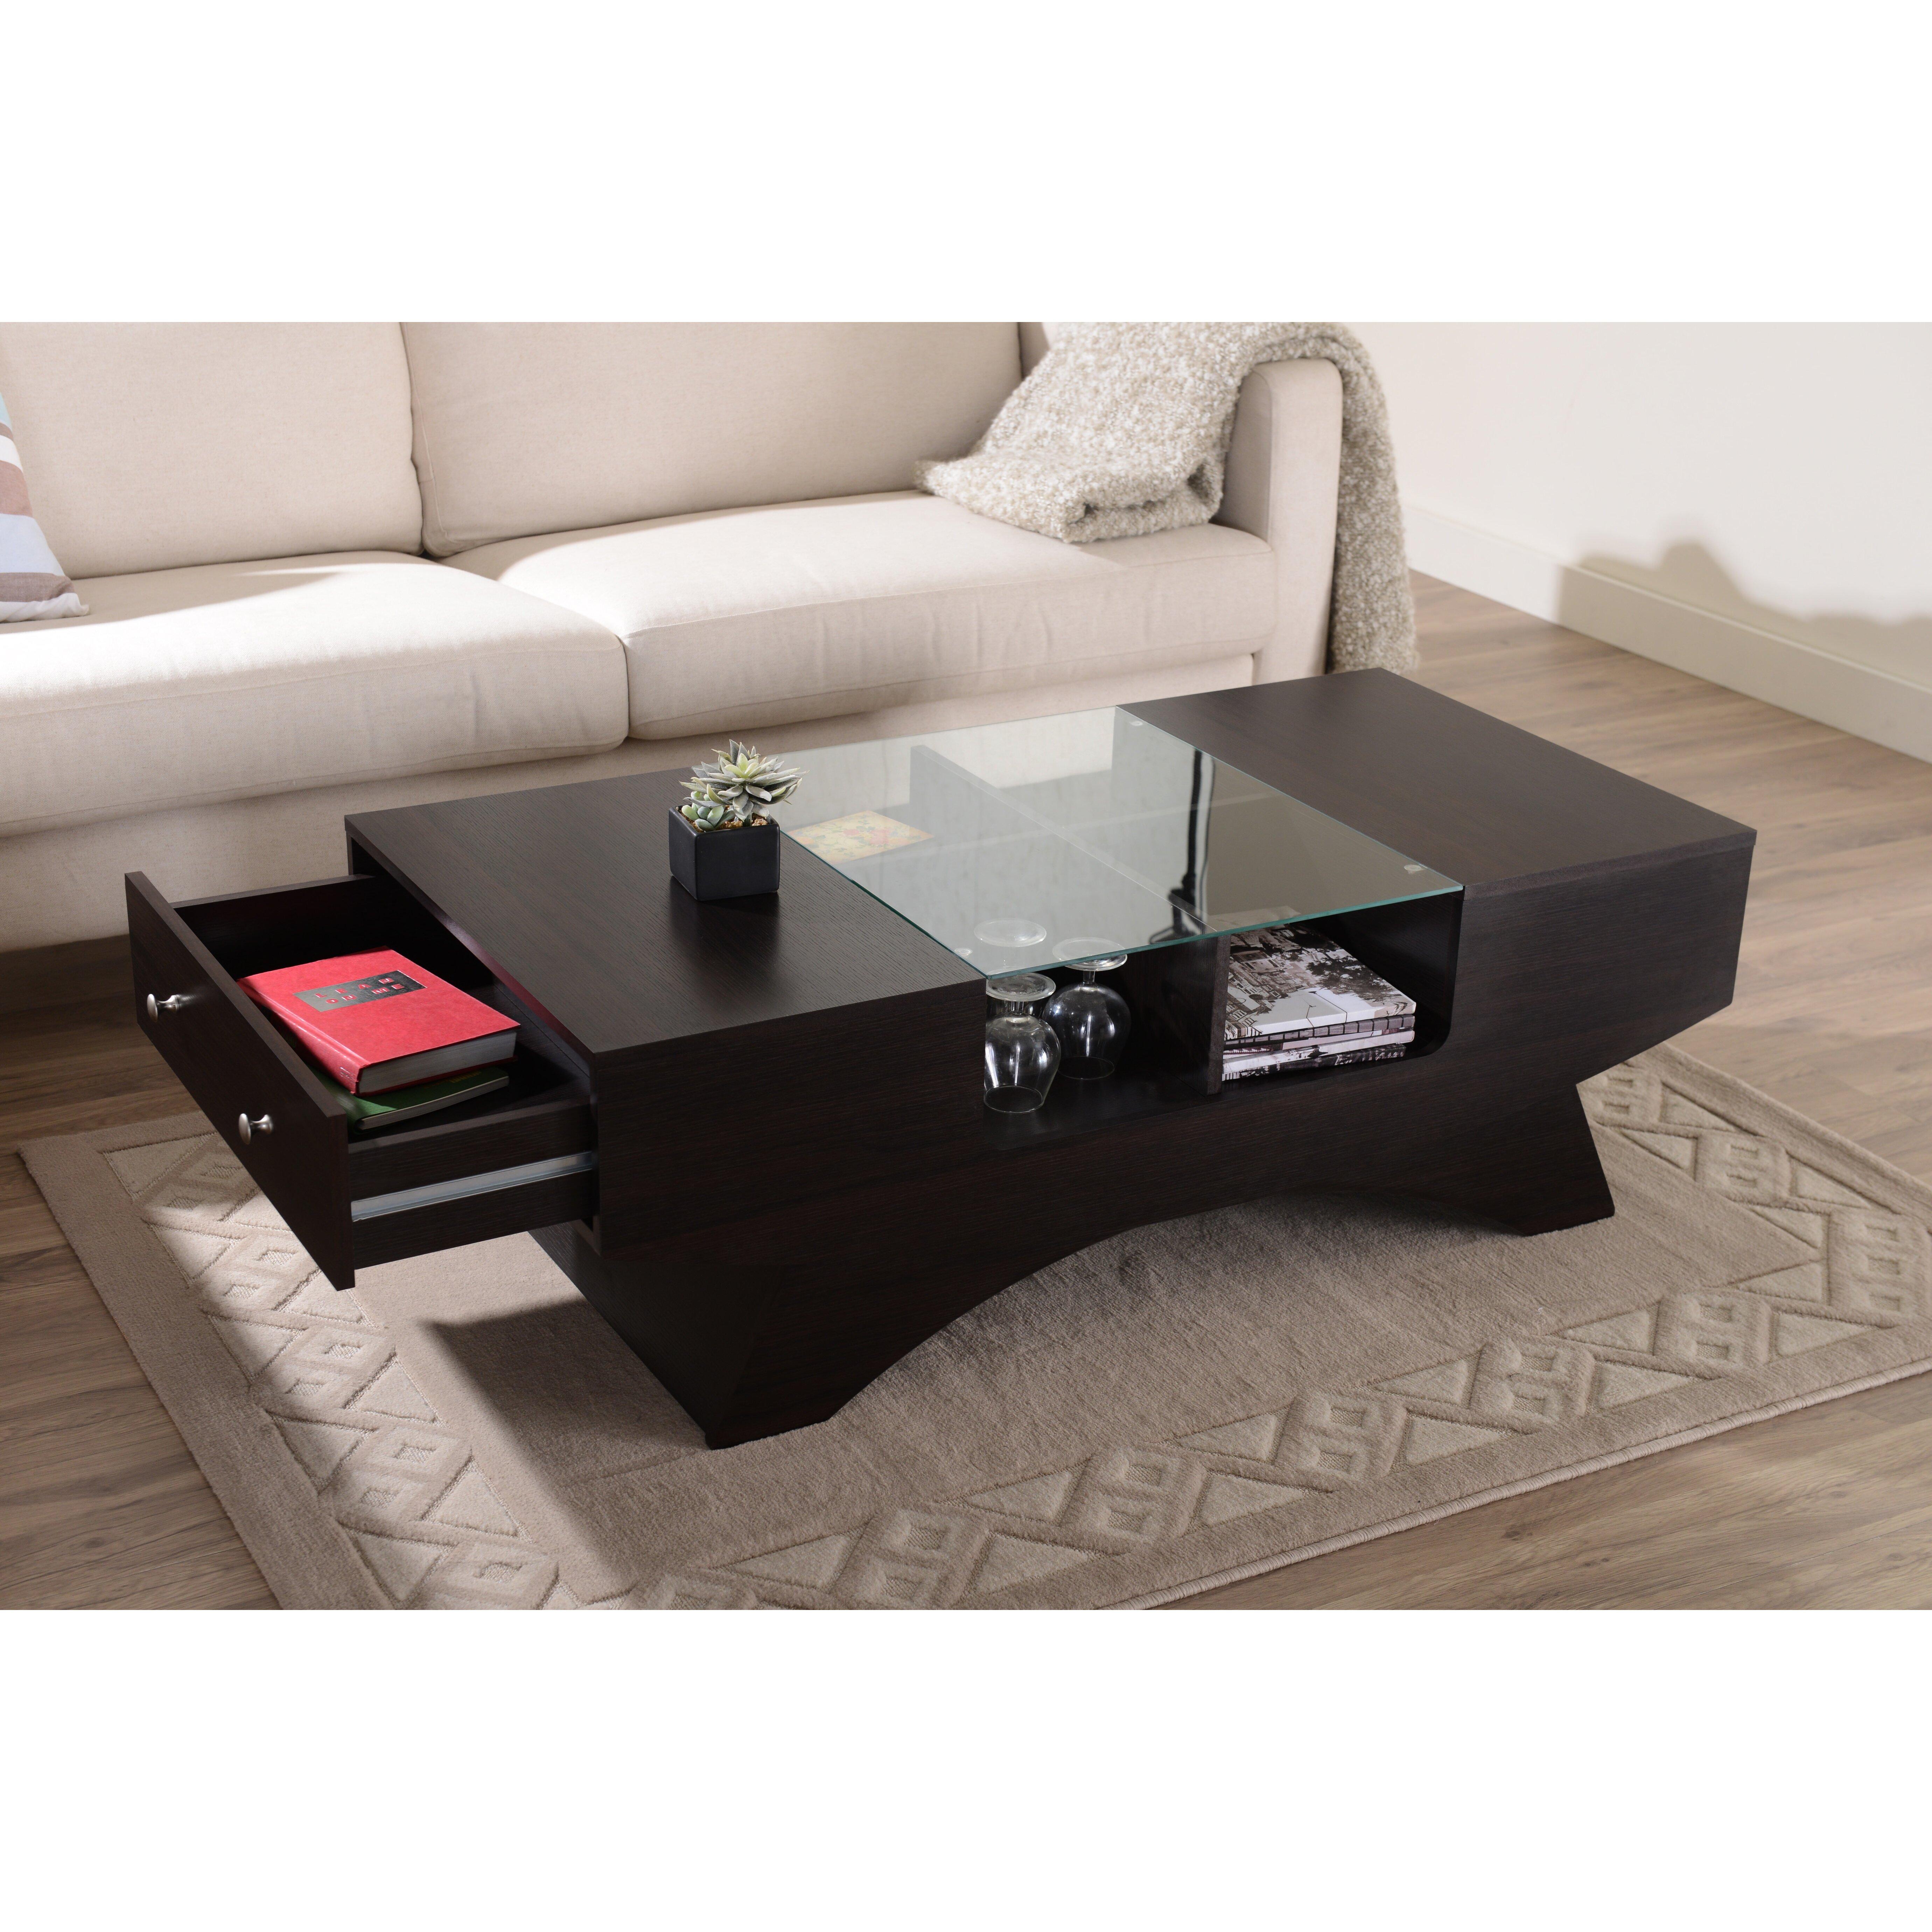 hokku designs walters coffee table reviews wayfair. Black Bedroom Furniture Sets. Home Design Ideas